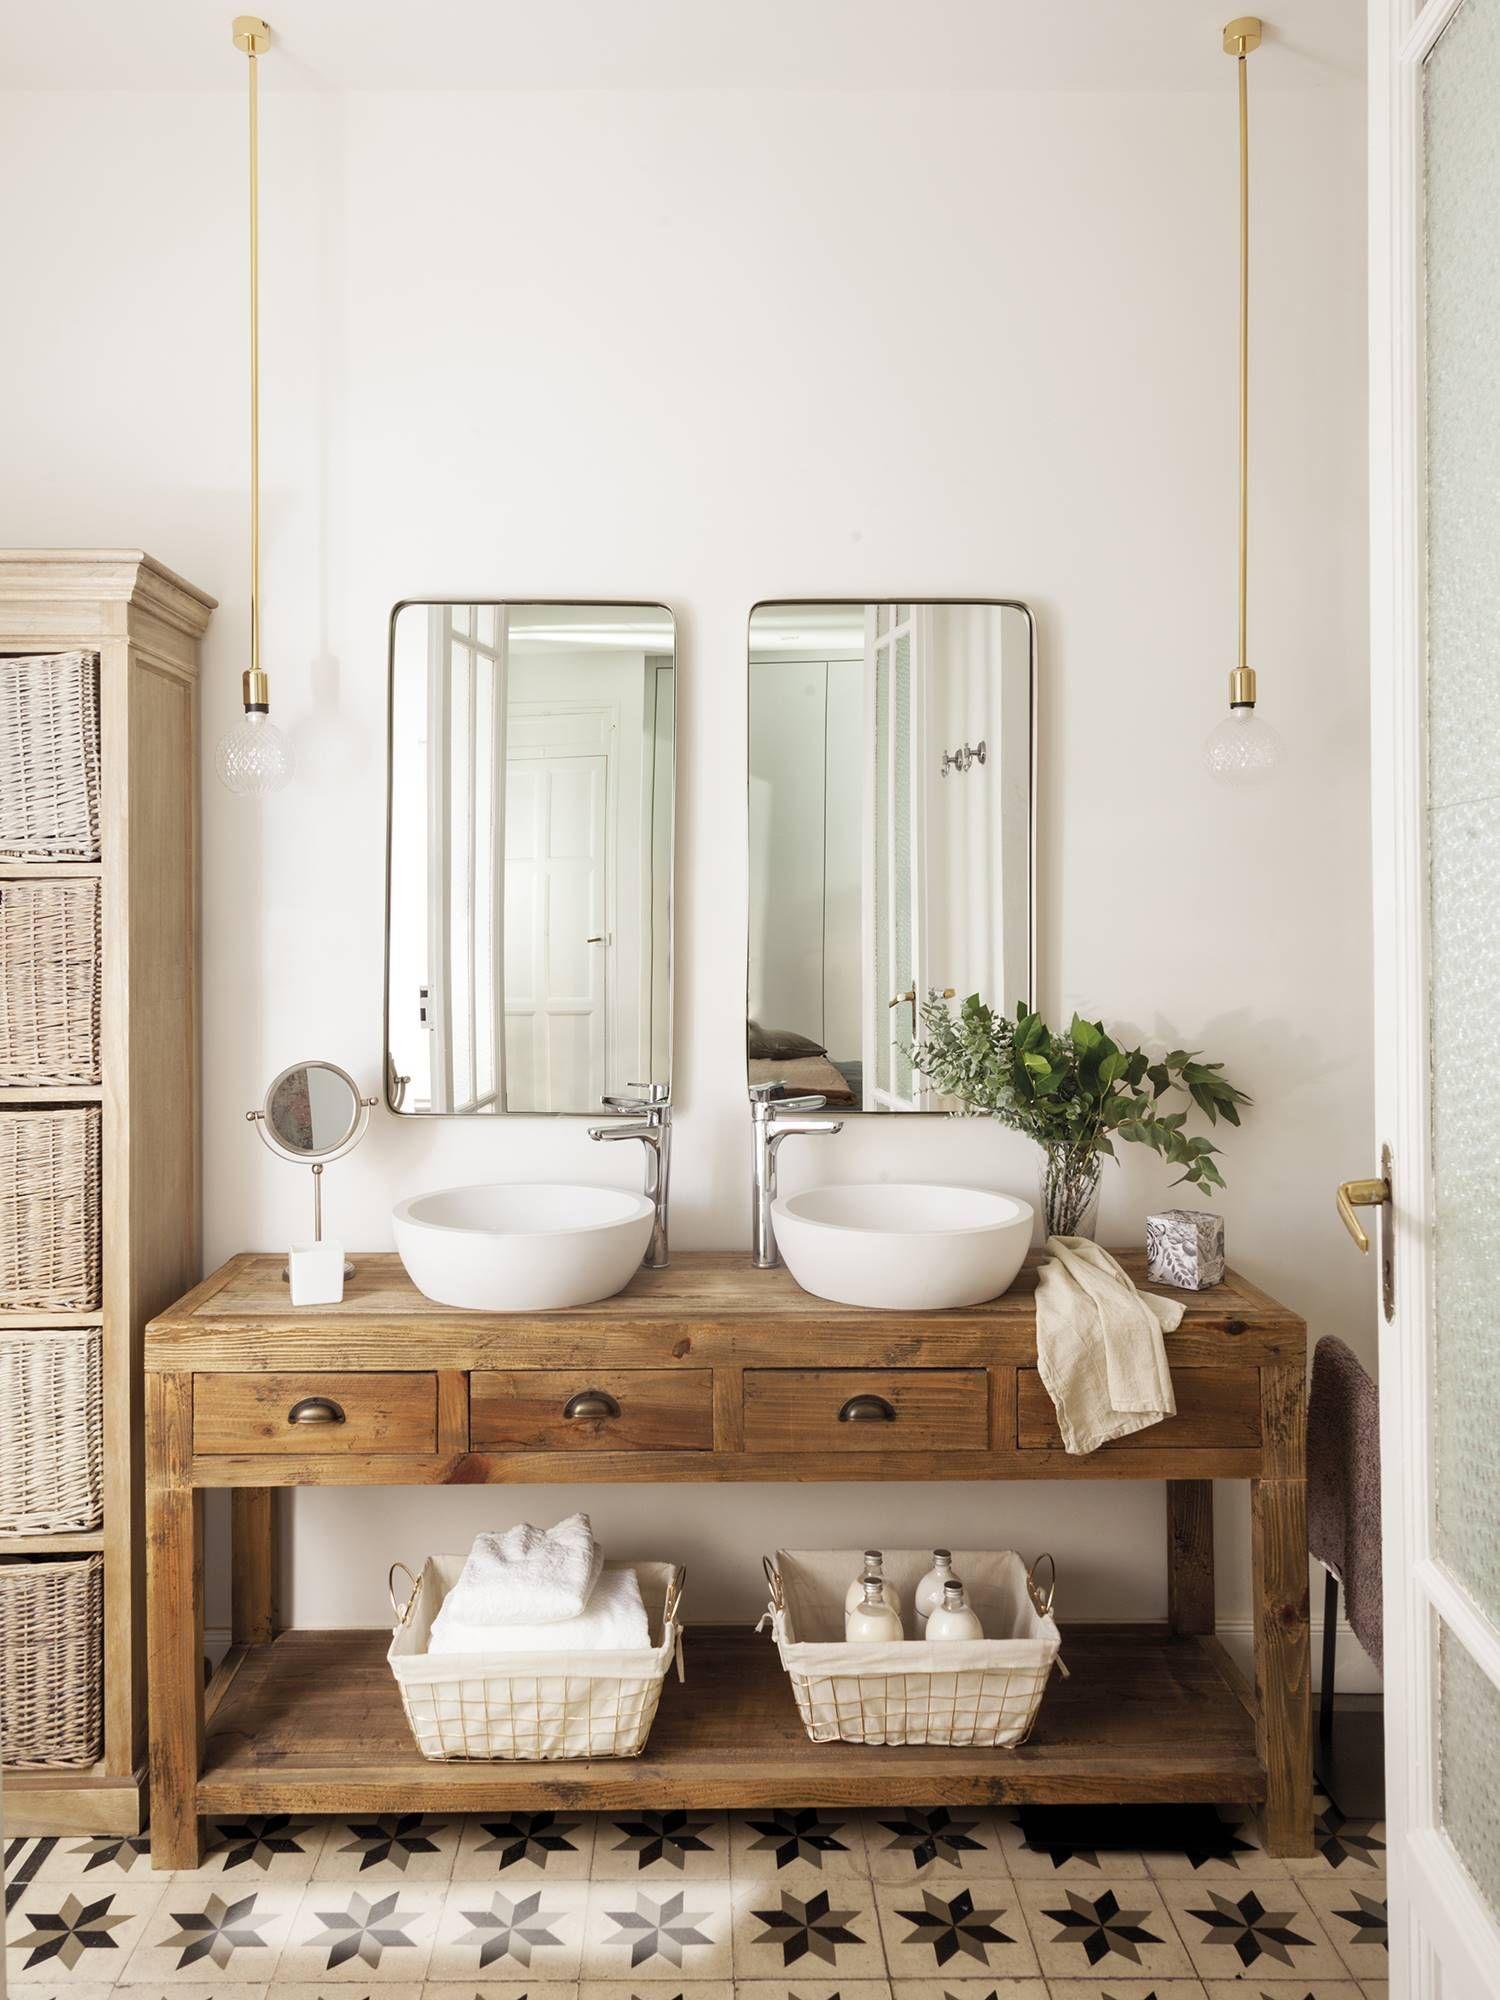 Découvrez la décoration chic et naturelle de cet appartement aux sols anciens - PLANETE DECO a homes world